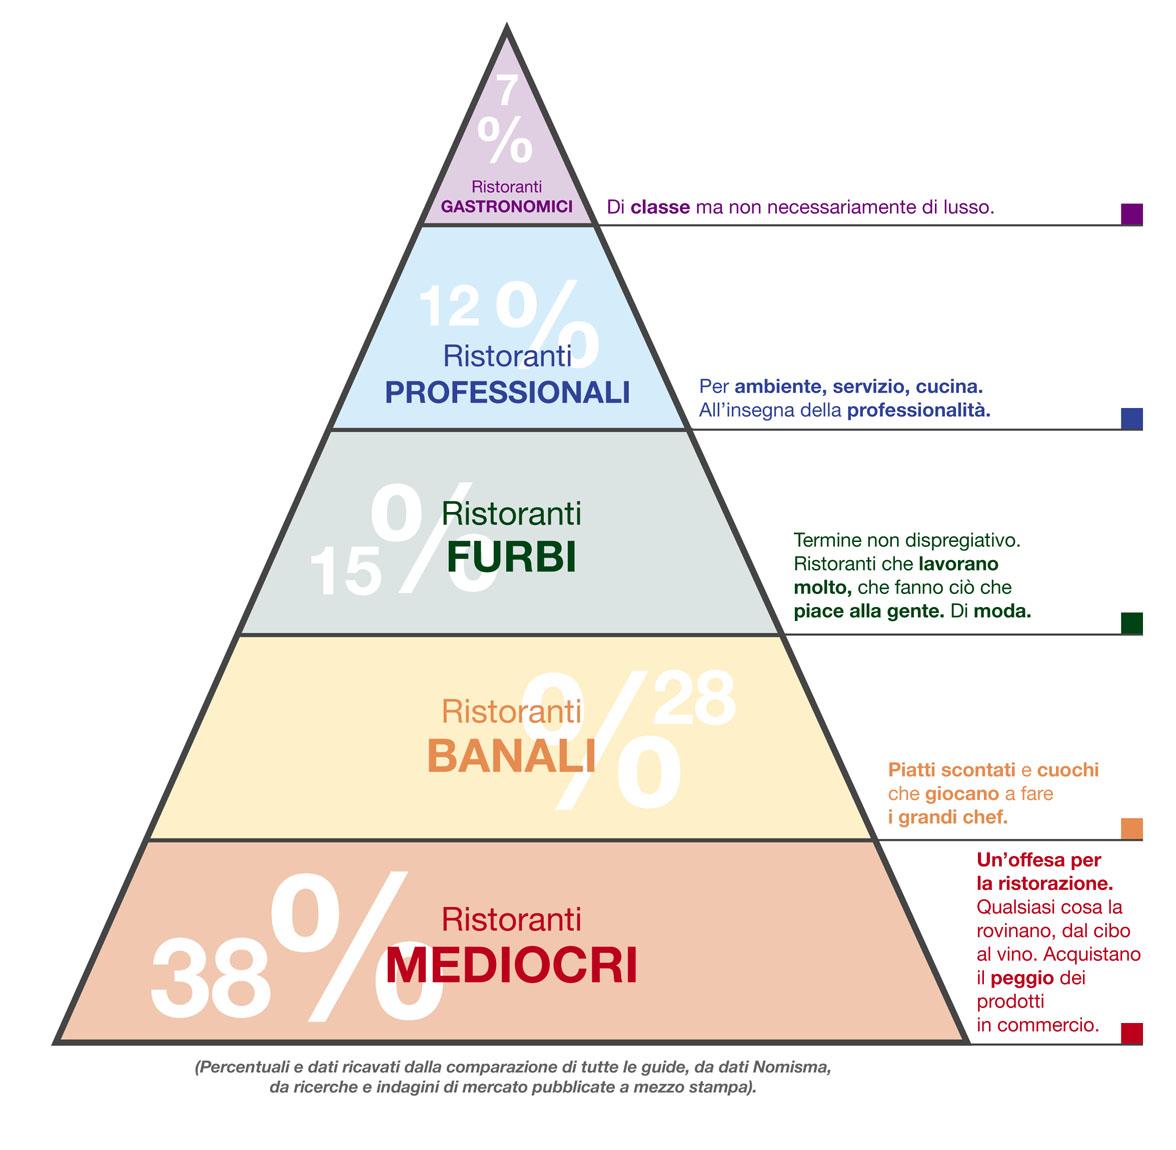 La piramide della ristorazione